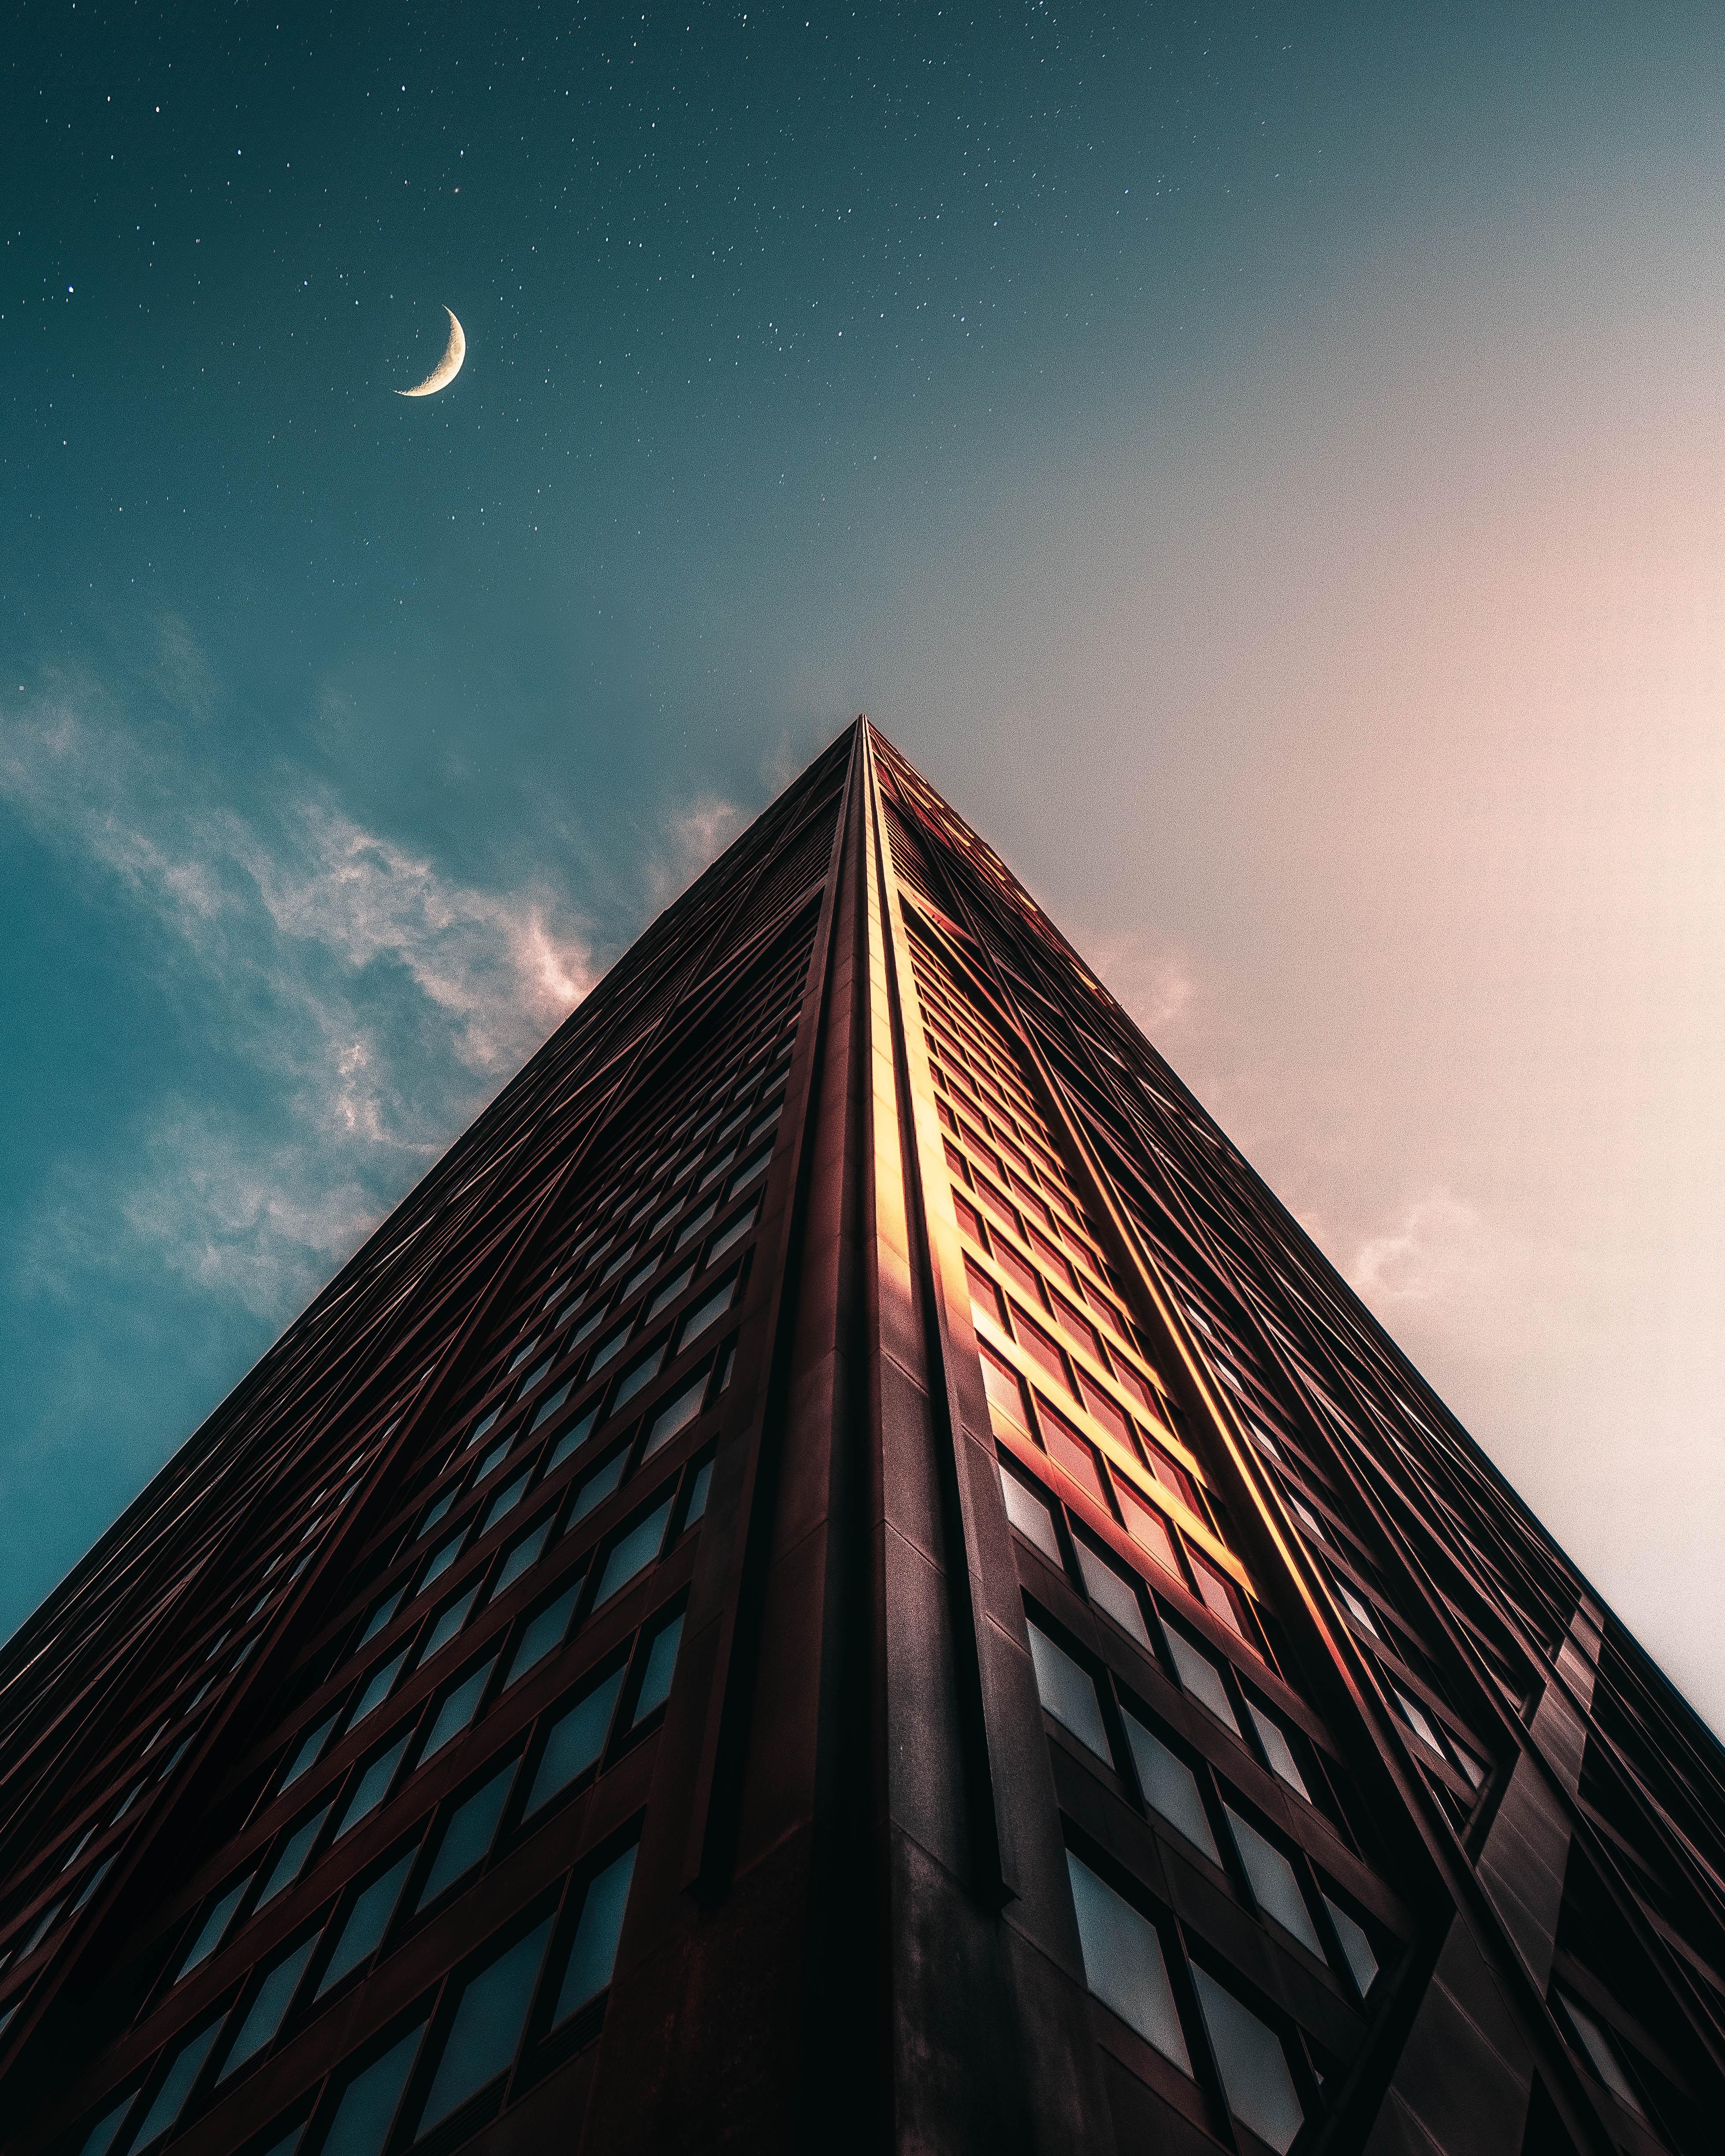 72667 Salvapantallas y fondos de pantalla Arquitectura en tu teléfono. Descarga imágenes de Edificio, Fachada, Ángulo, Esquina, Rascacielos, Arquitectura, Ciudades gratis